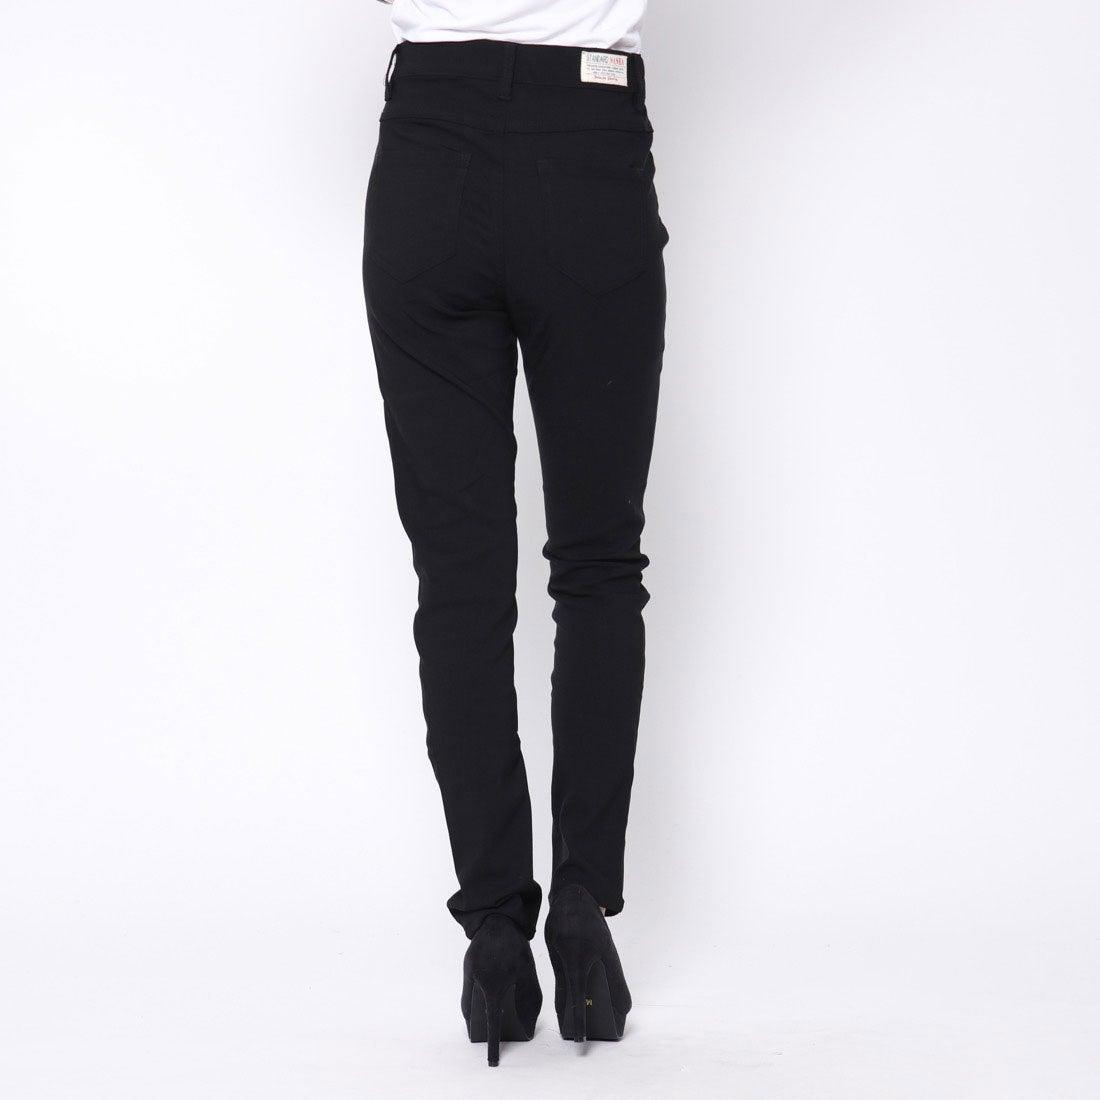 a6c2498835316b ミージェーン me Jane スキニーPT (ブラック) -レディースファッション ...